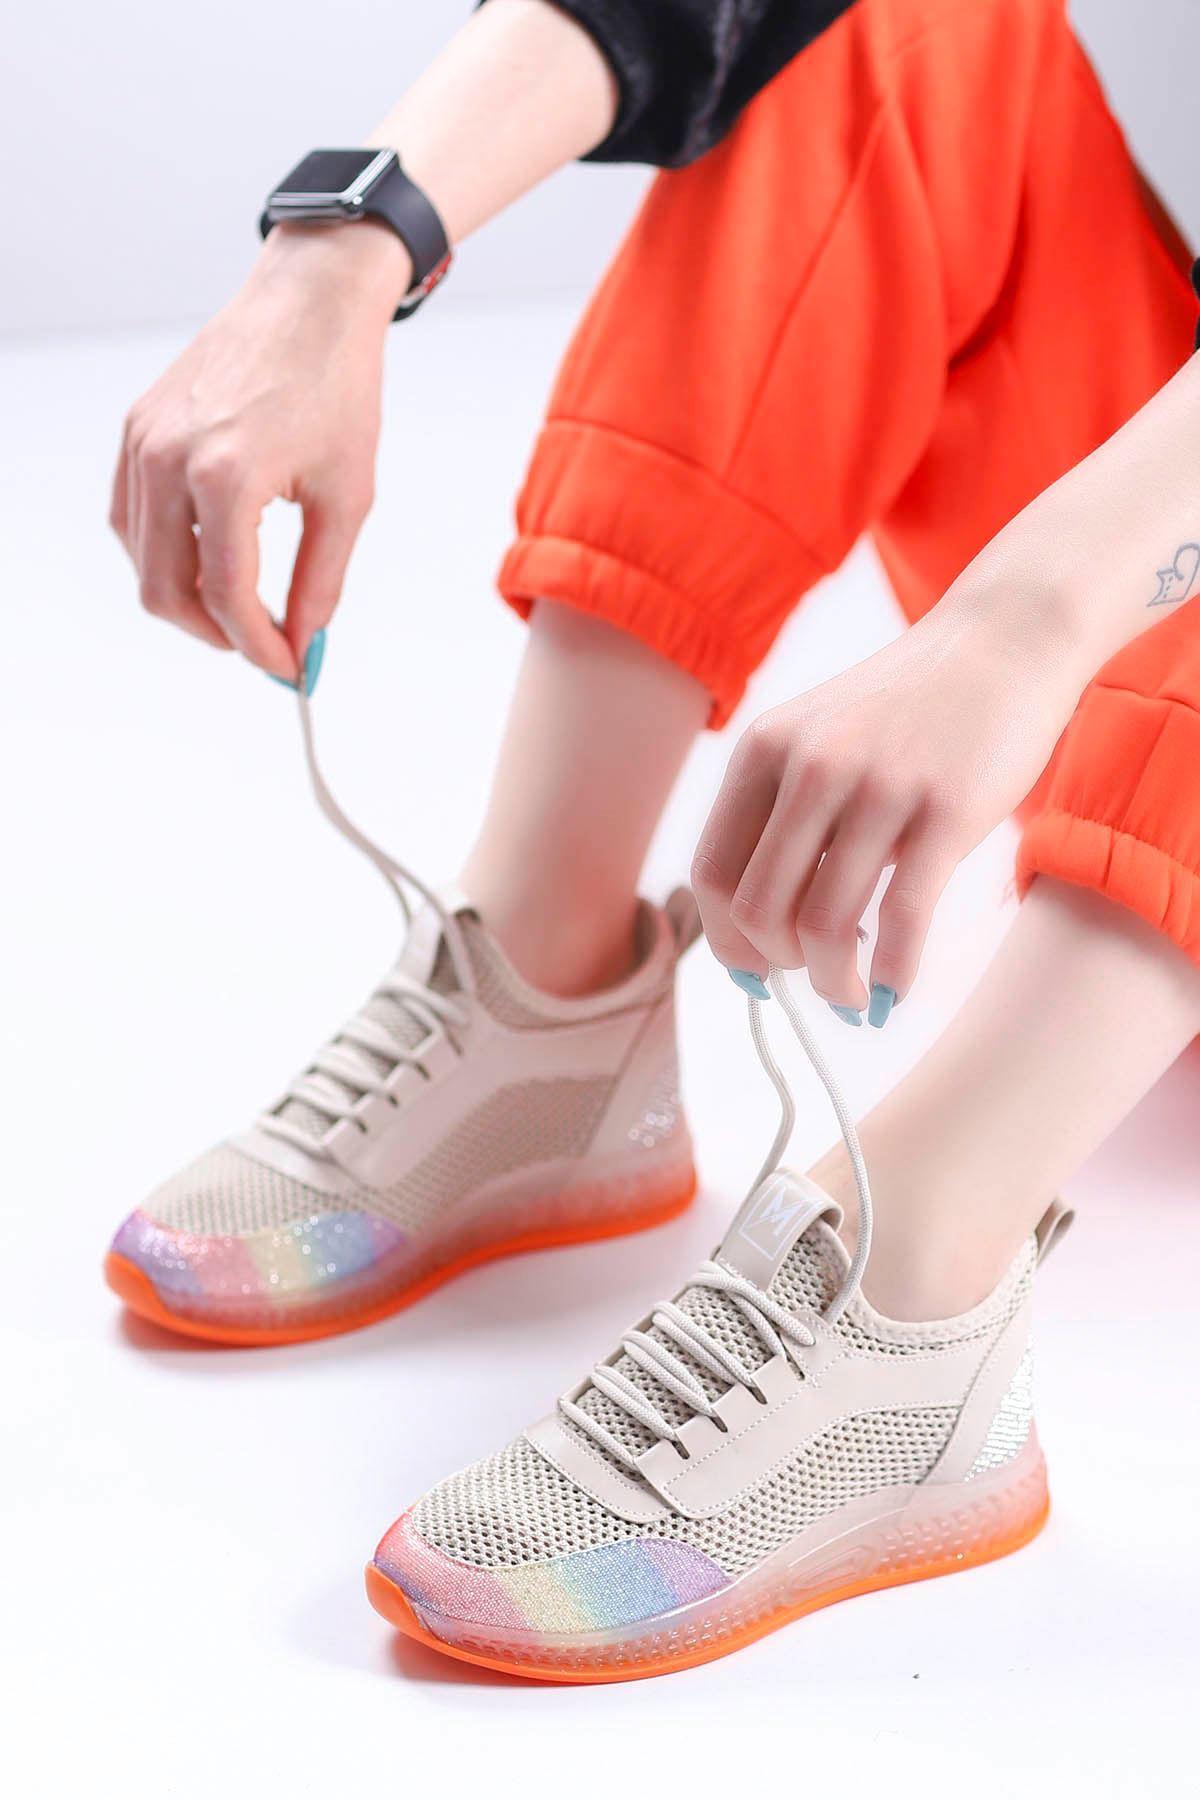 Sindirella Jel Taban Triko Spor Ayakkabı Bej Tutuncu Taban